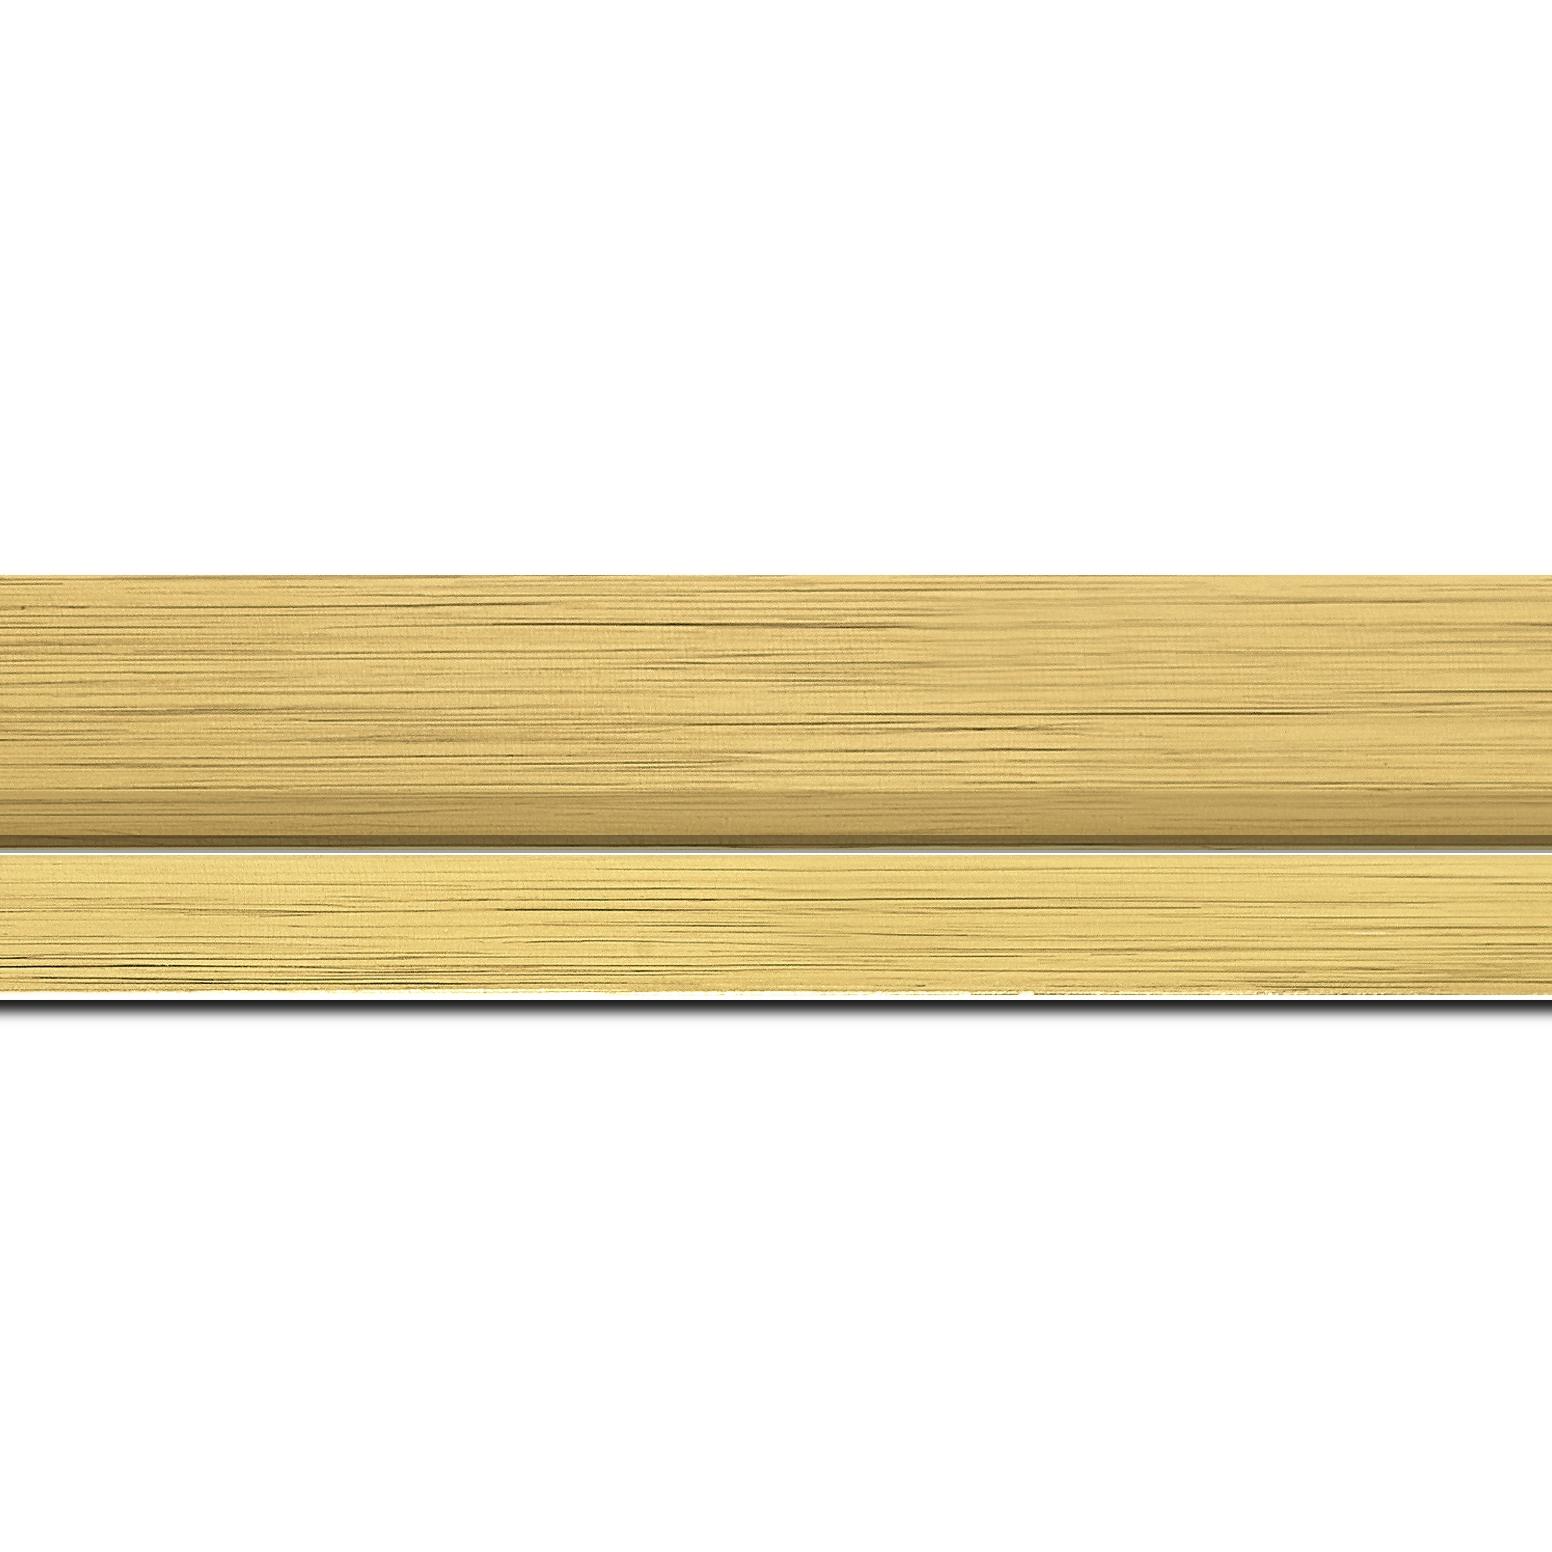 Pack par 12m, bois profil plat largeur 4.5cm couleur or nez or  (longueur baguette pouvant varier entre 2.40m et 3m selon arrivage des bois)